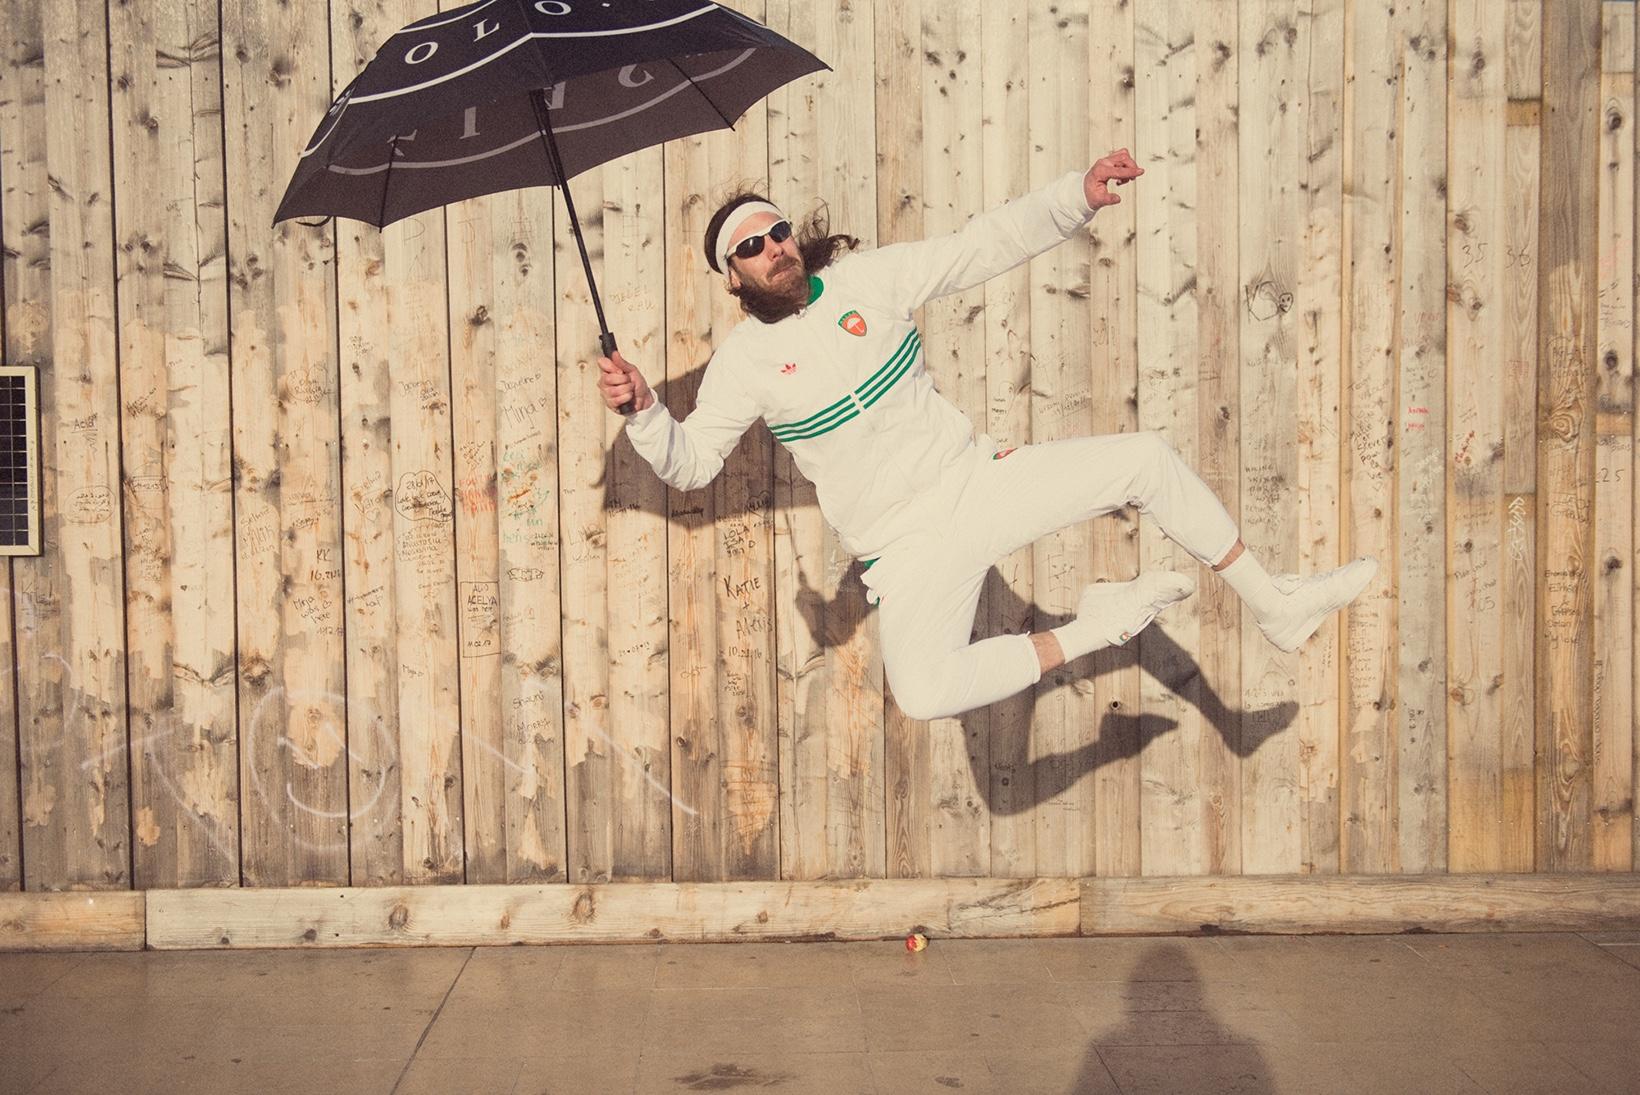 helas adidas skateboarding collab 3 - Hélas lança parceria com adidas Skateboarding